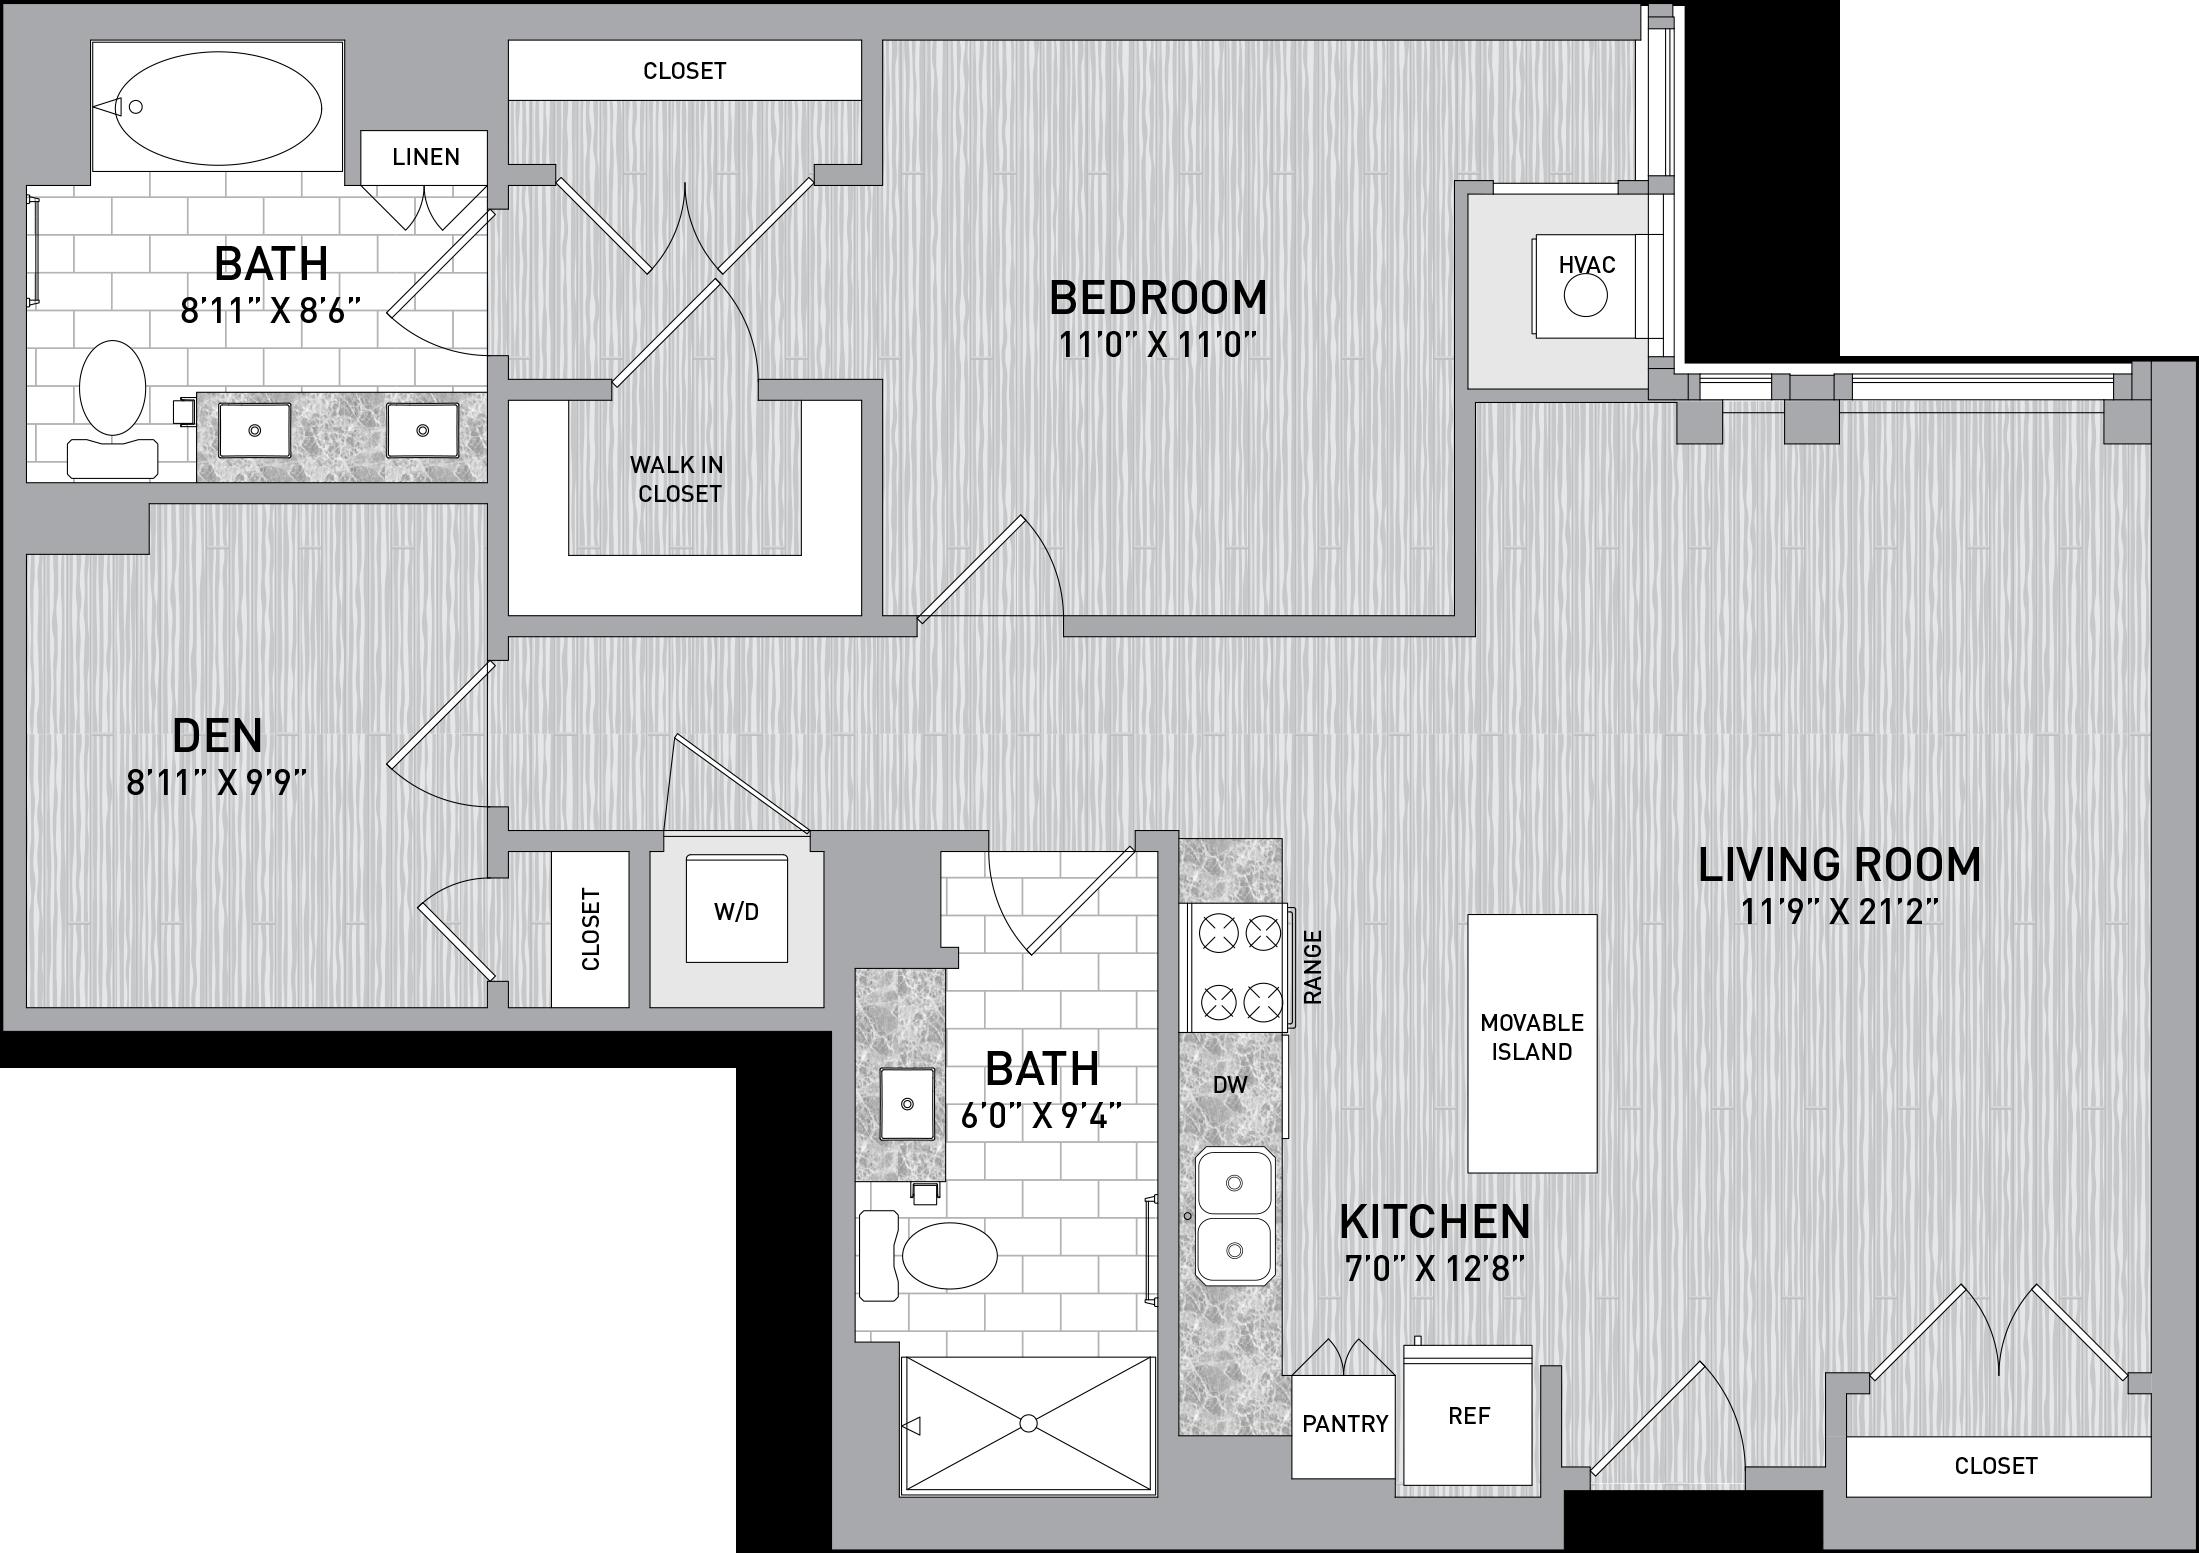 floorplan image of unit id 323